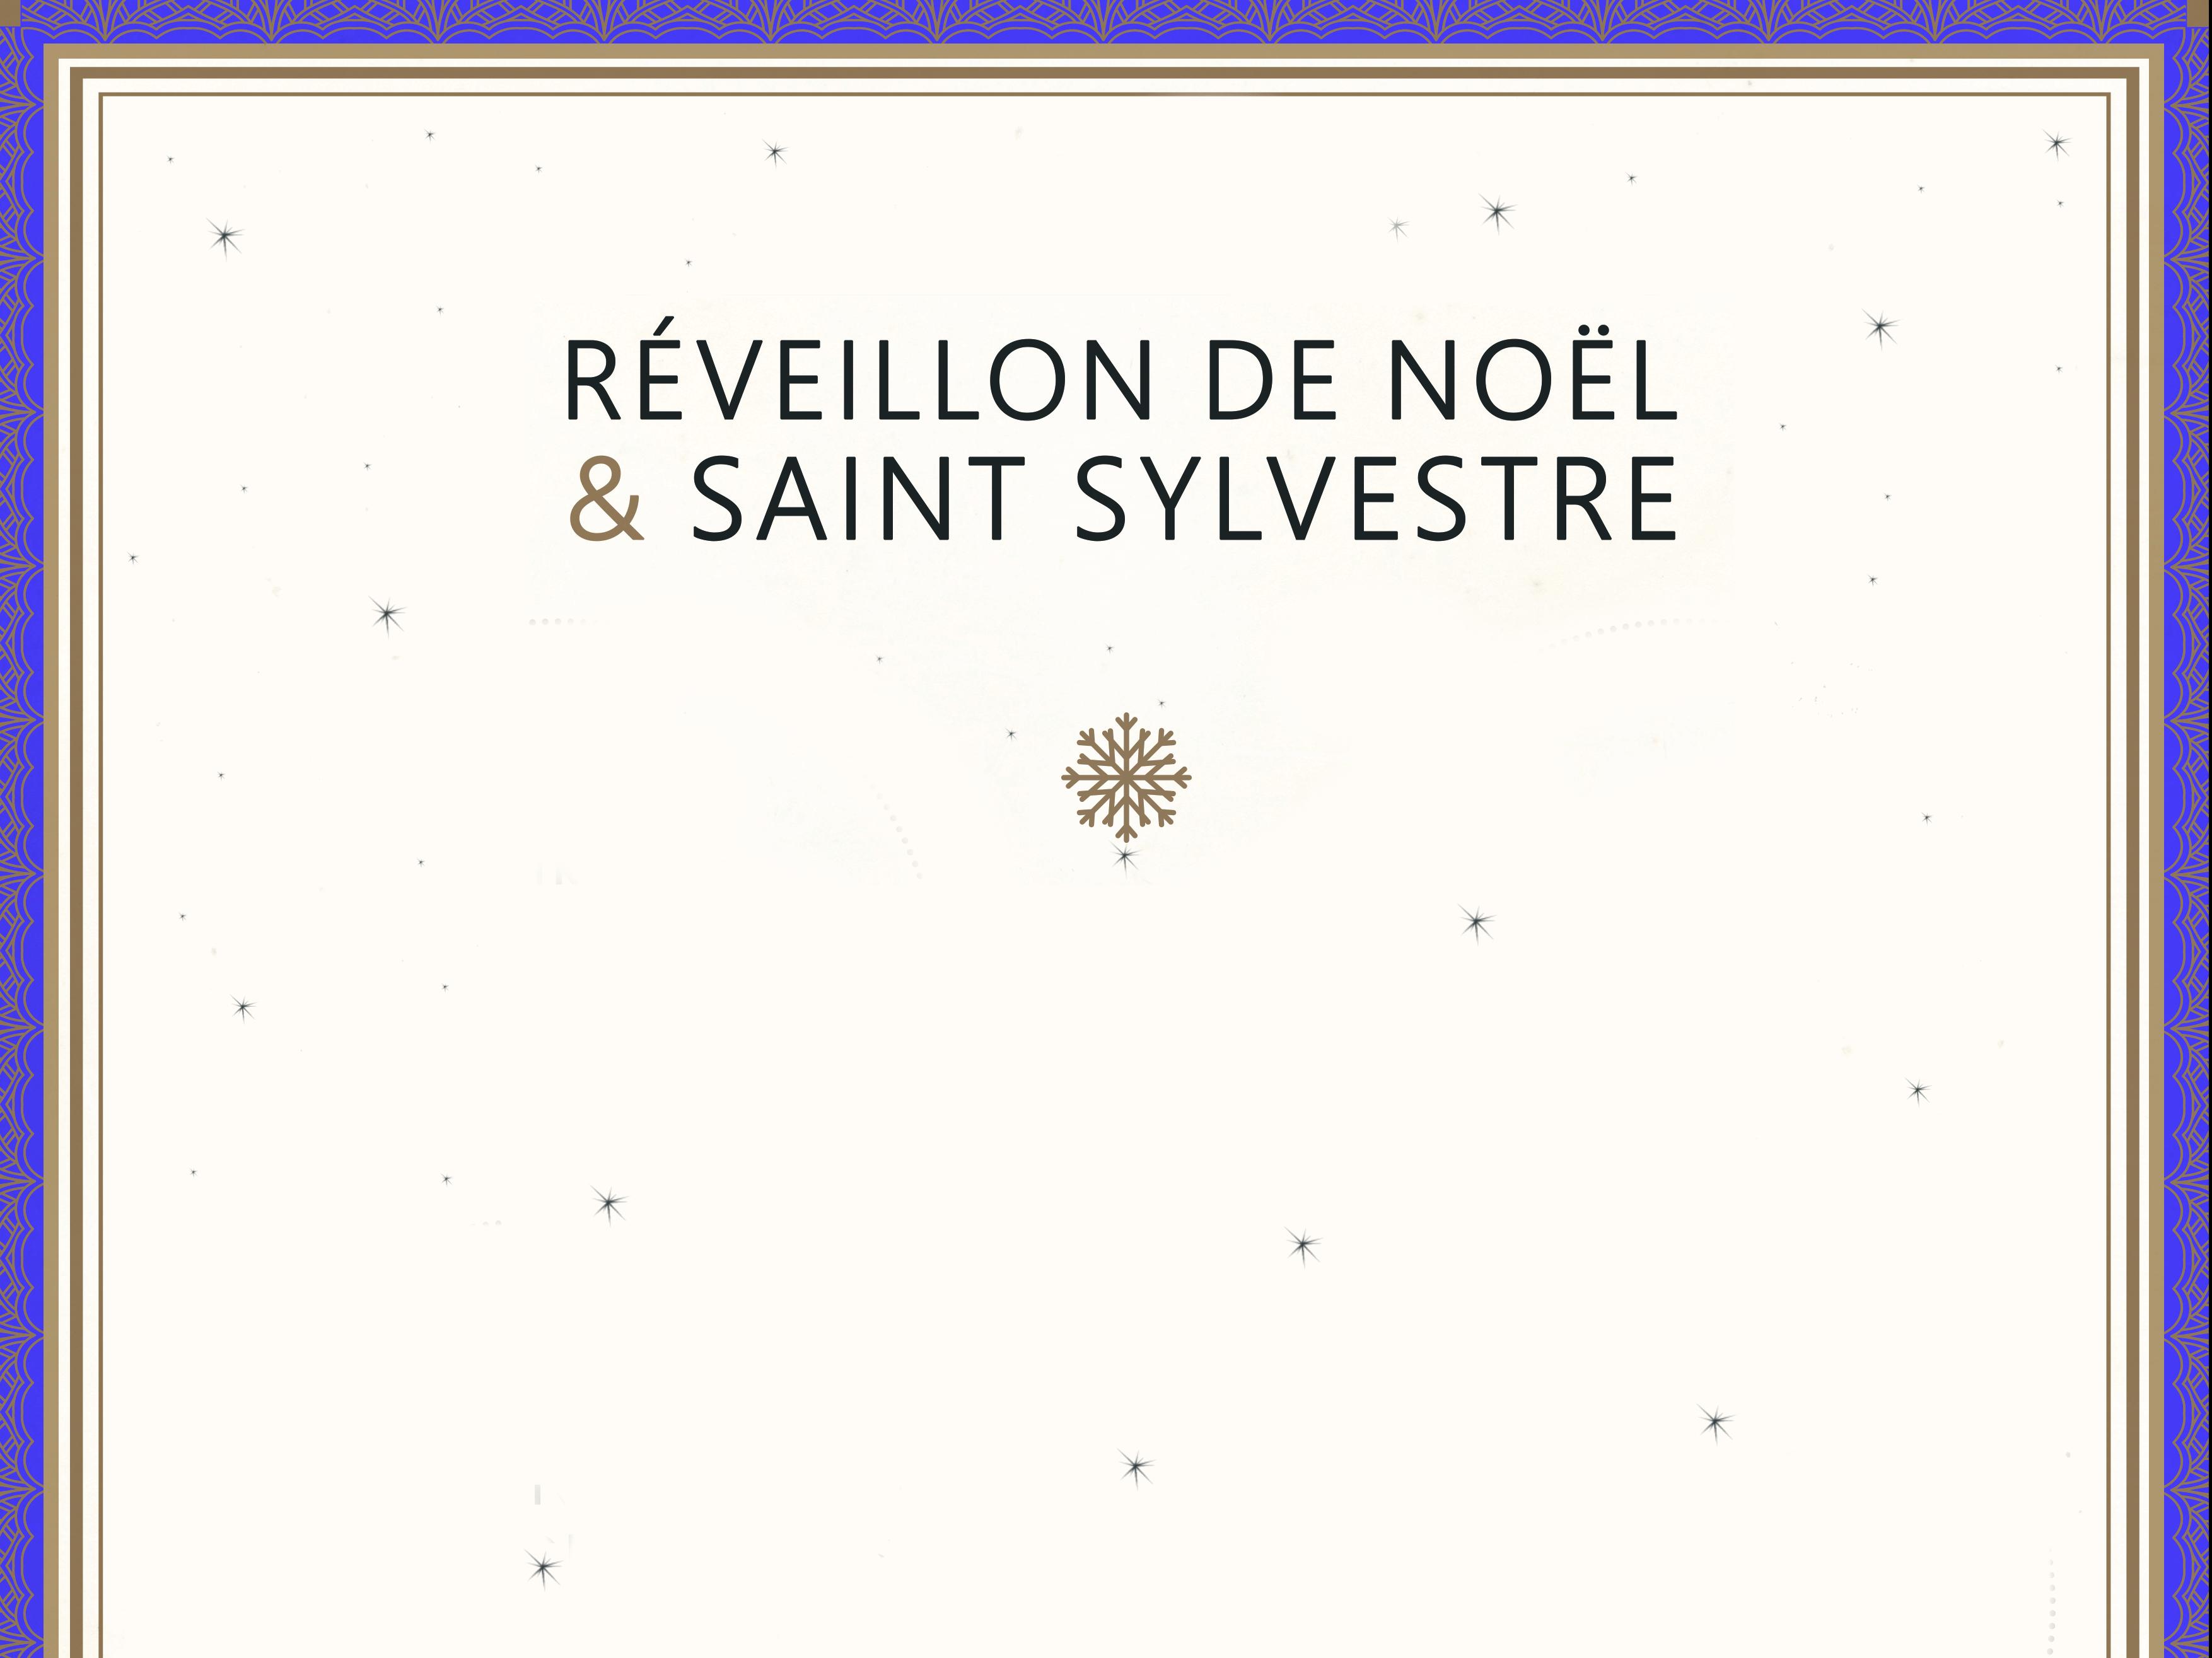 noël & saint sylvestre